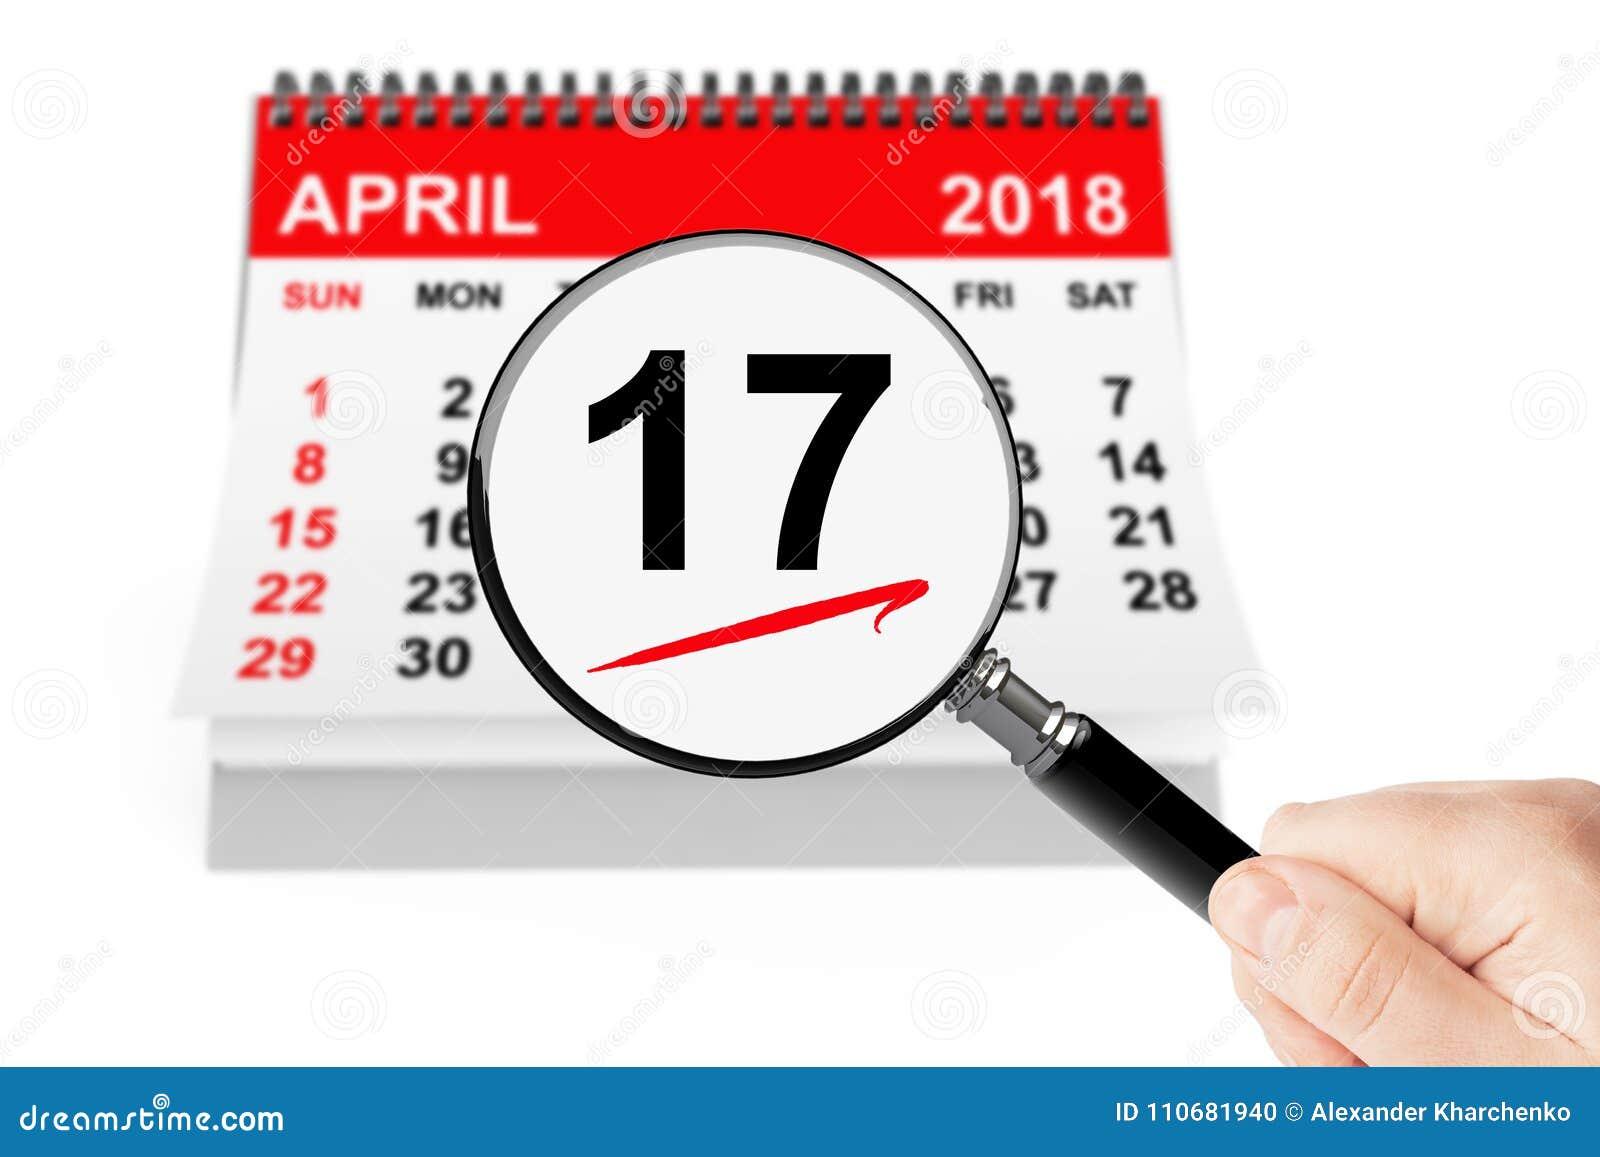 15 april 2013 kalender med förstoringsapparat på en vitbakgrund 17 april 2018 kalender med förstoringsapparaten